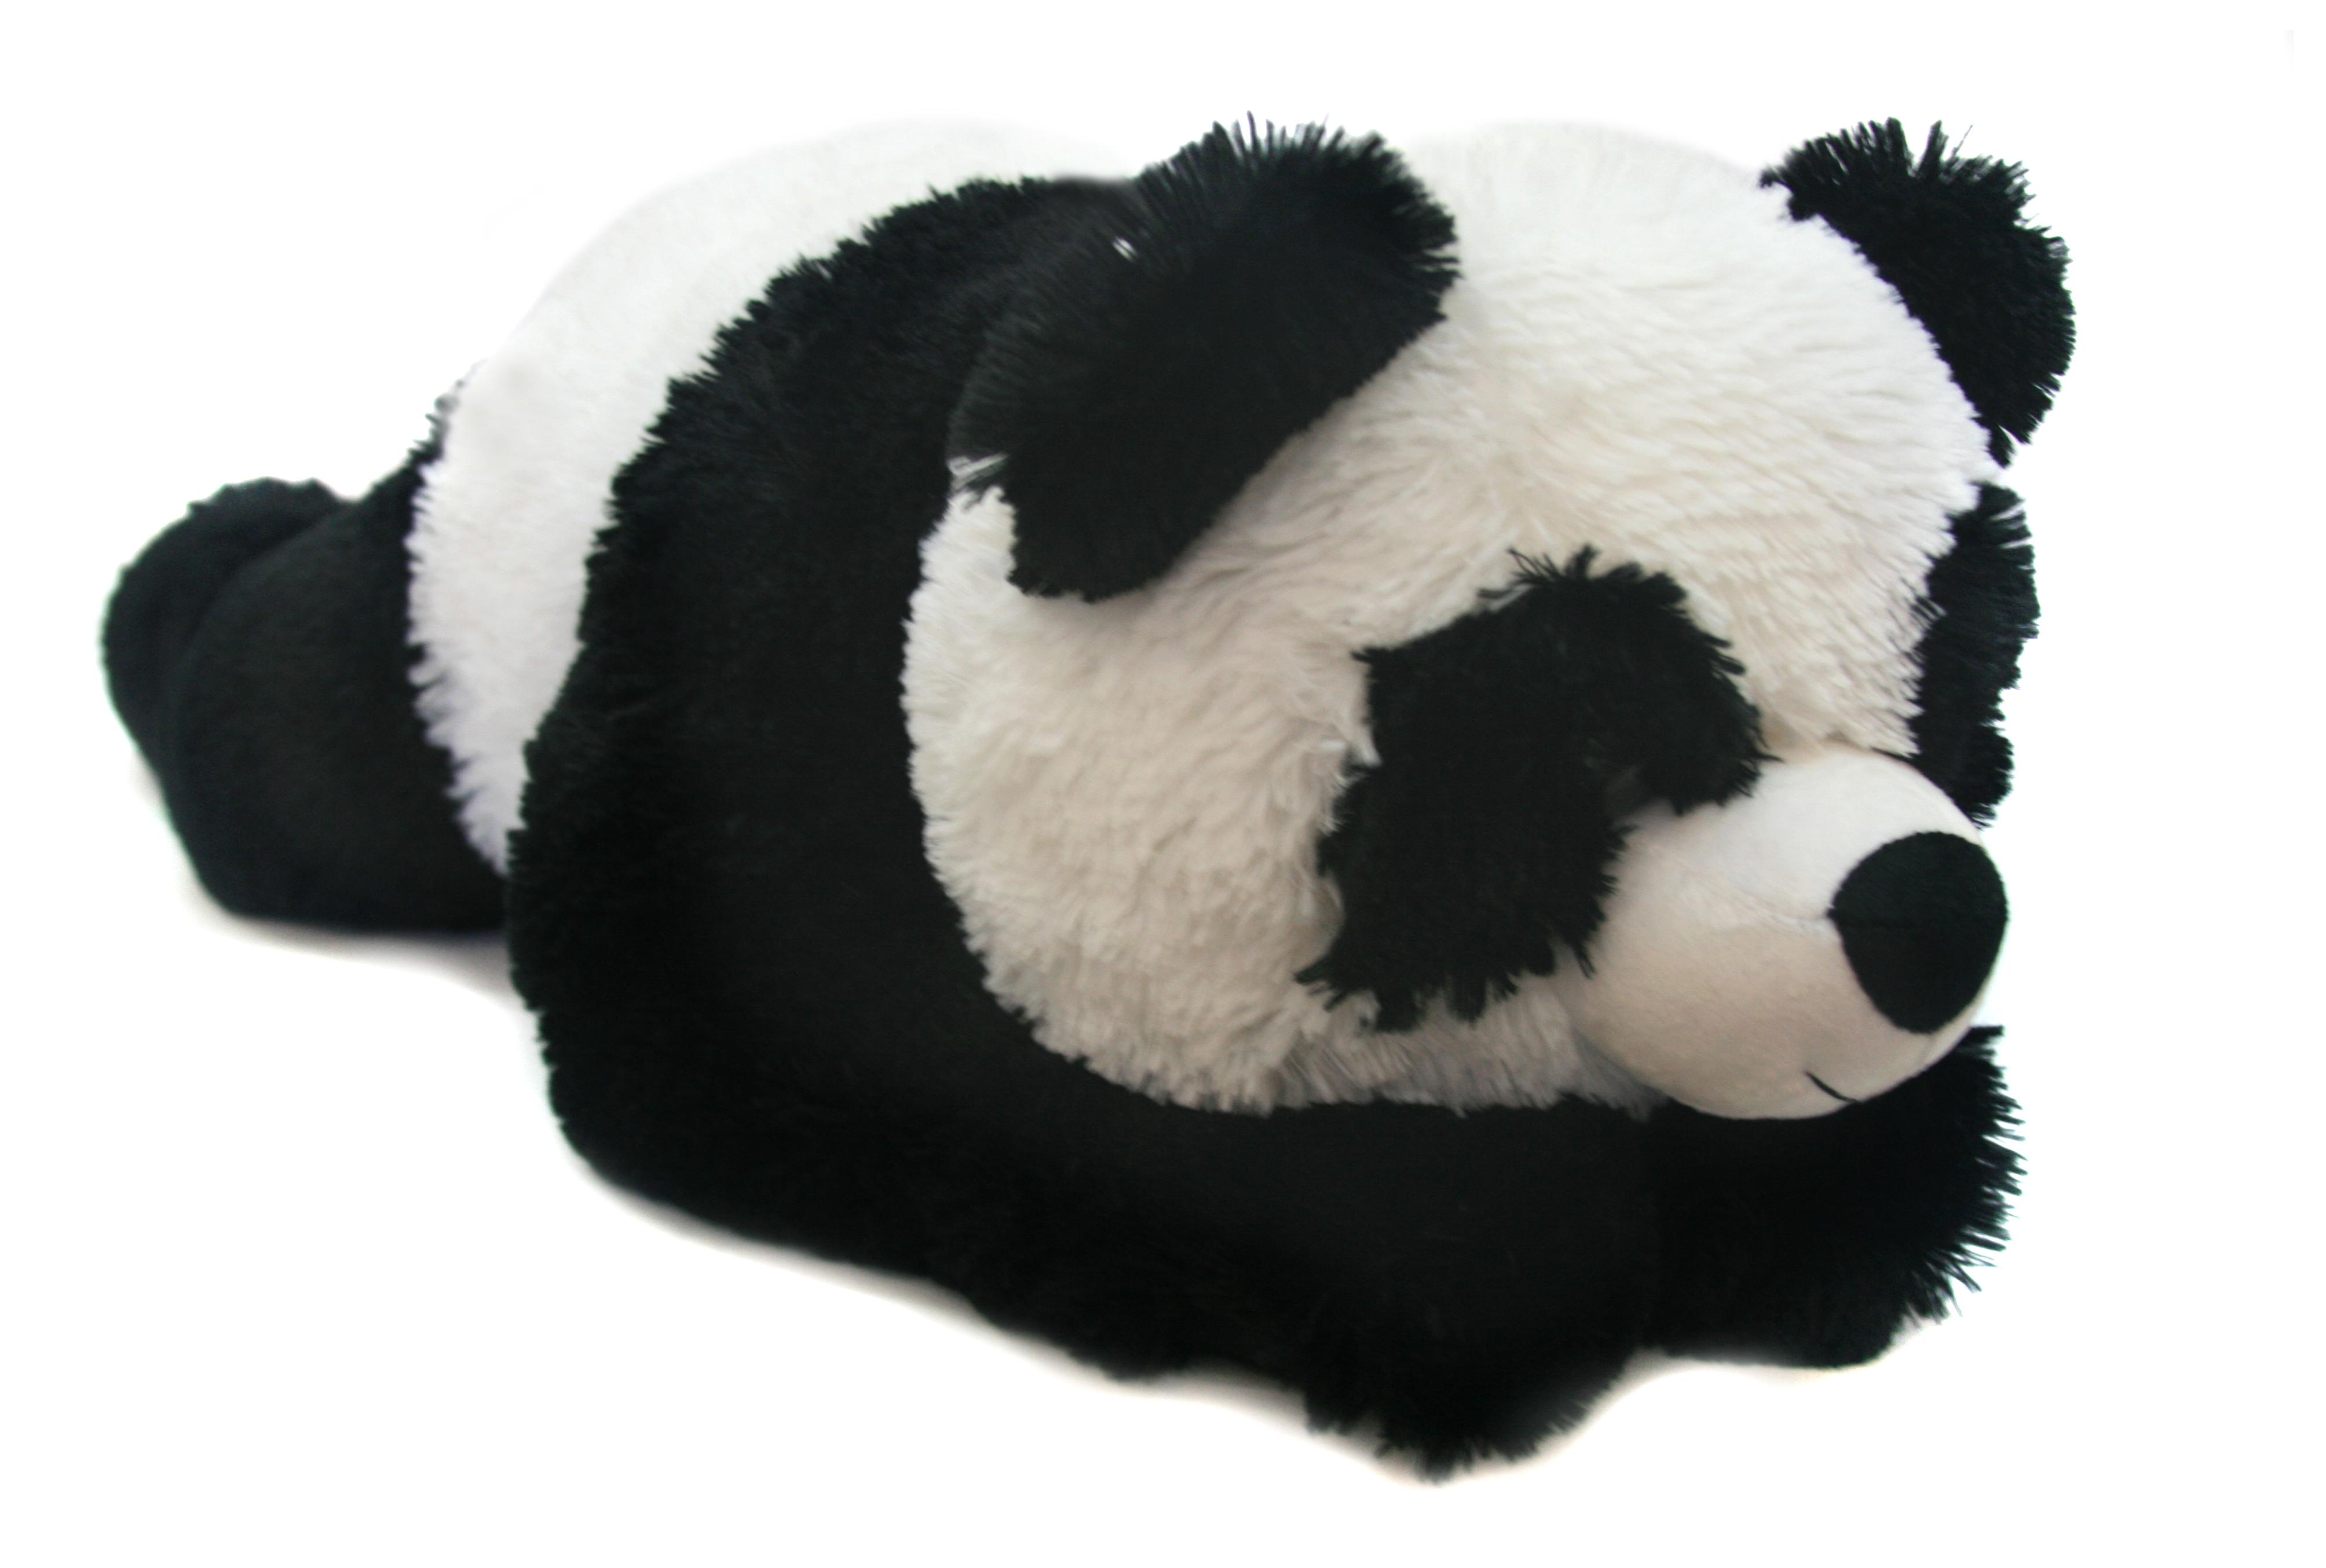 Мягкие игрушки СмолТойс Мягкая игрушка СмолТойс «Панда» 75 см мягкая игрушка смолтойс зайка радужный 51 см